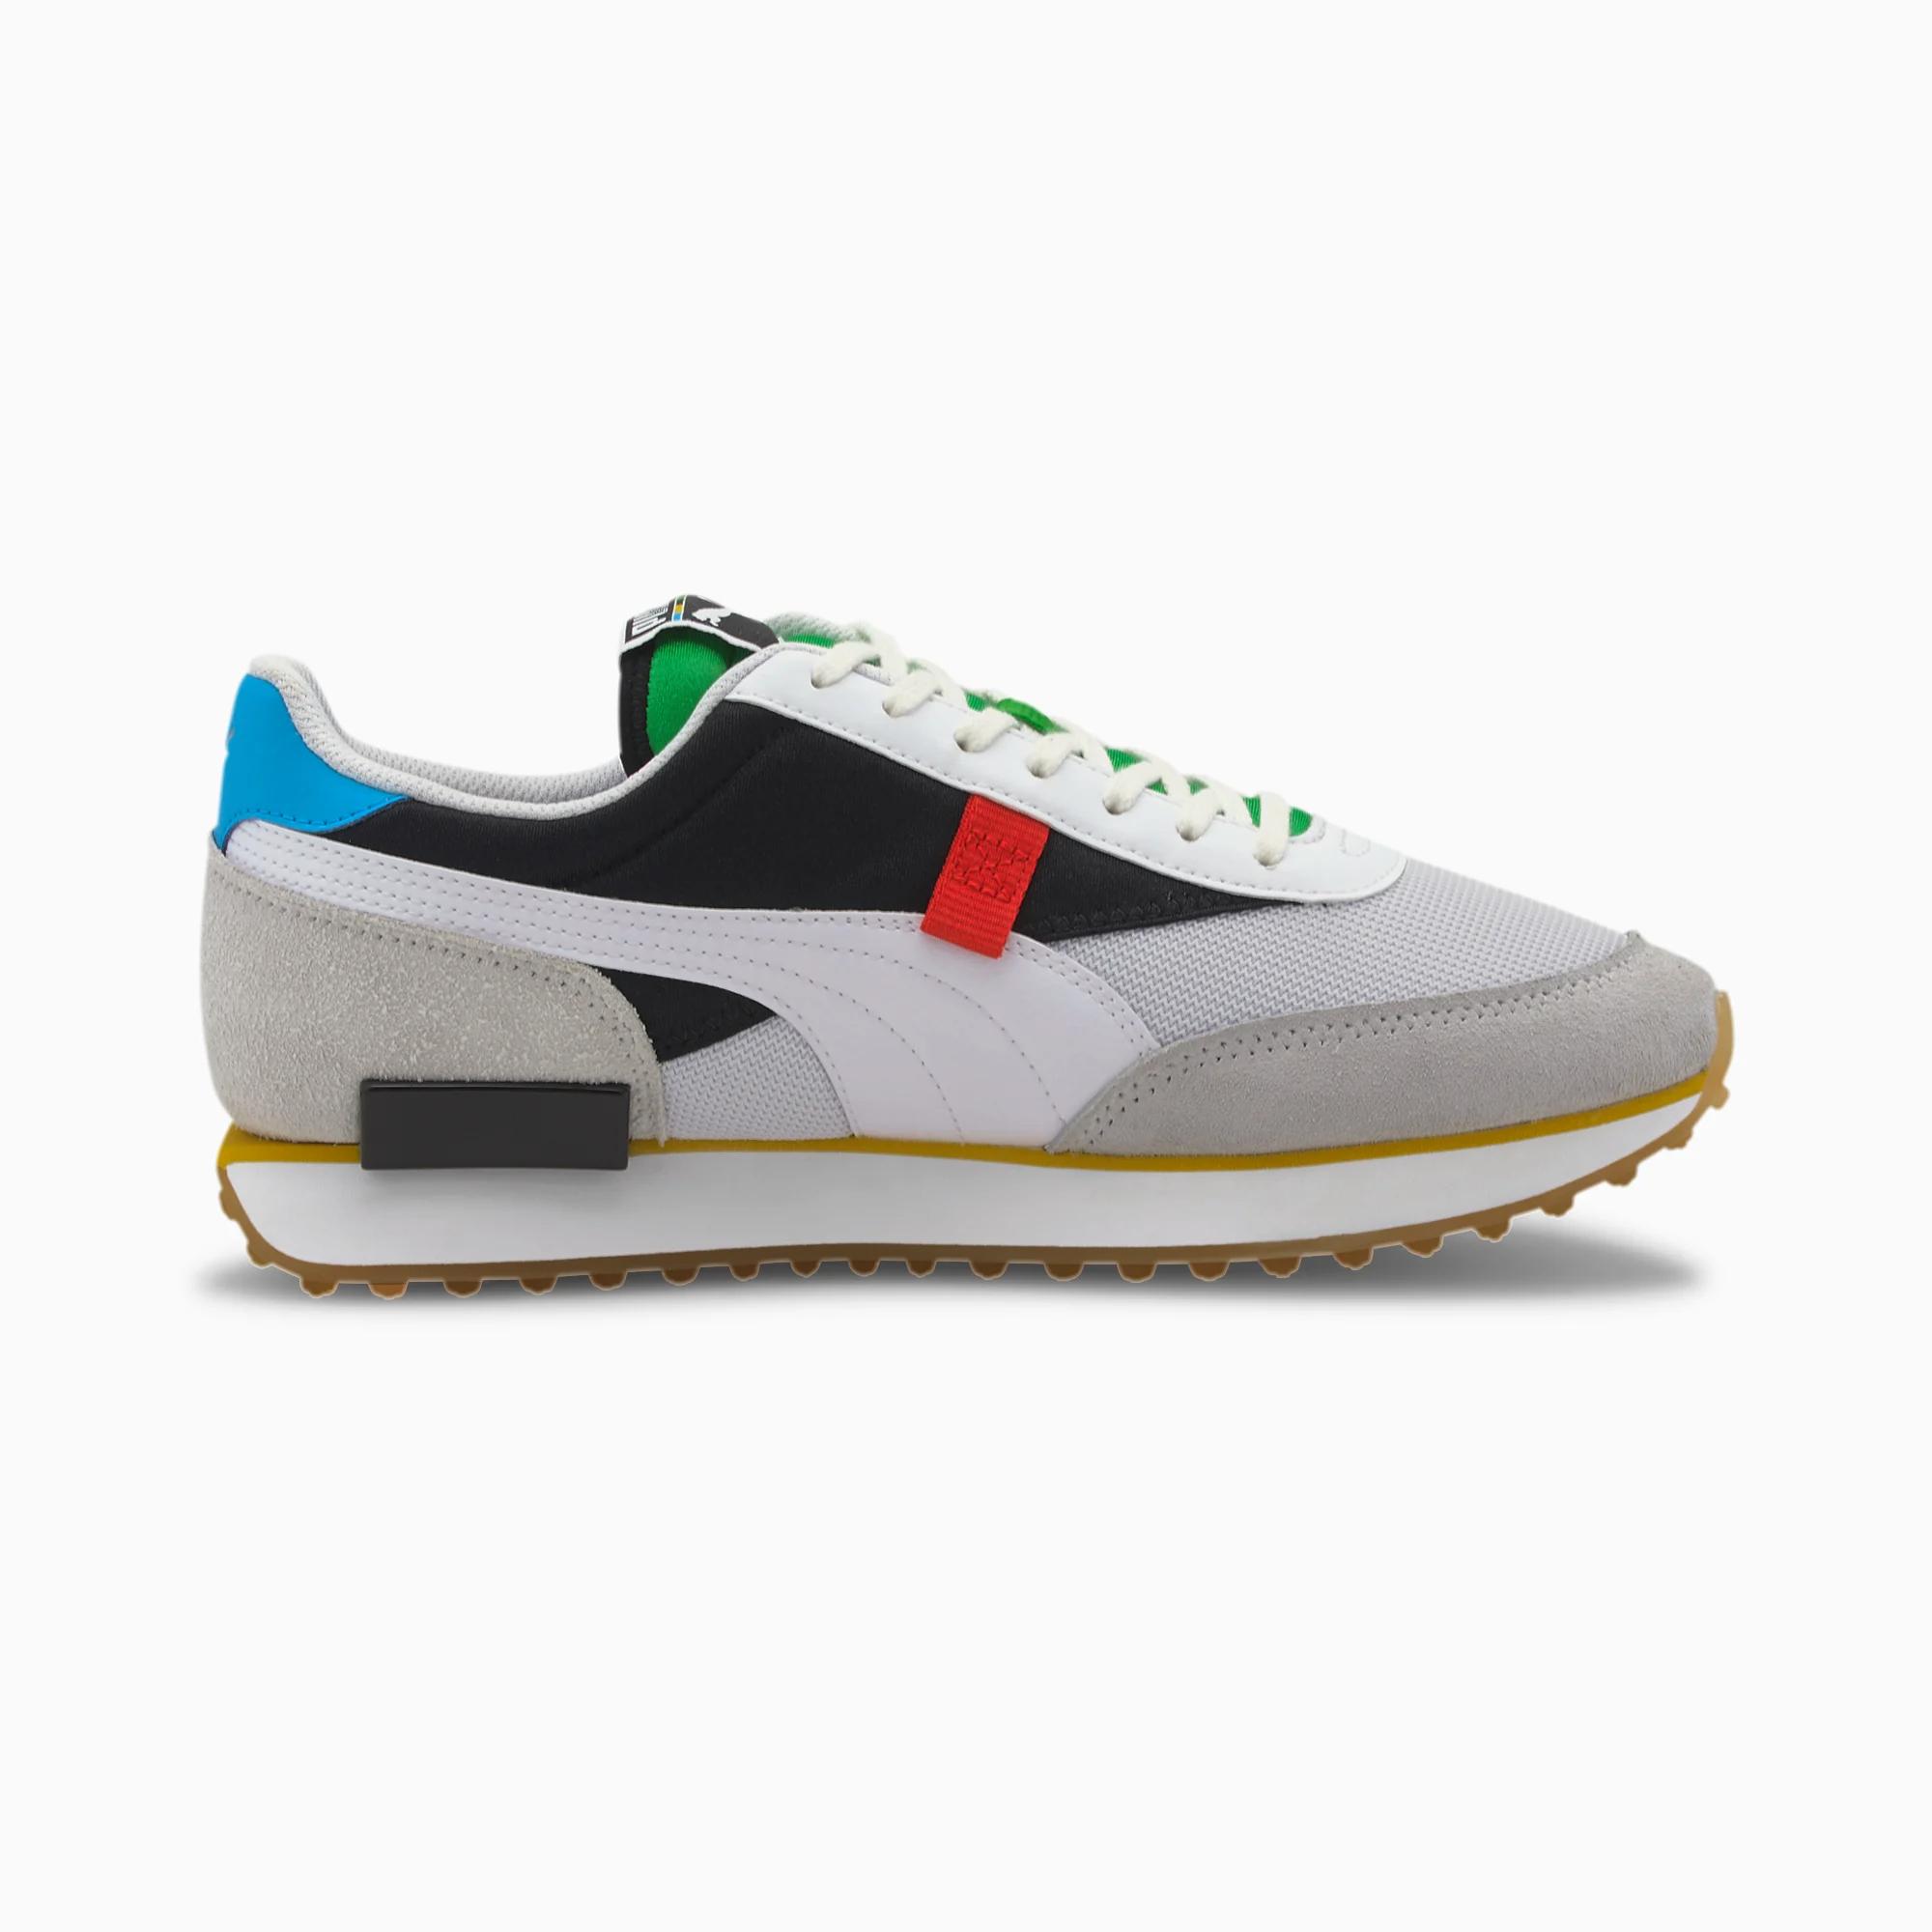 Puma Future Rider sneakers, white, 43